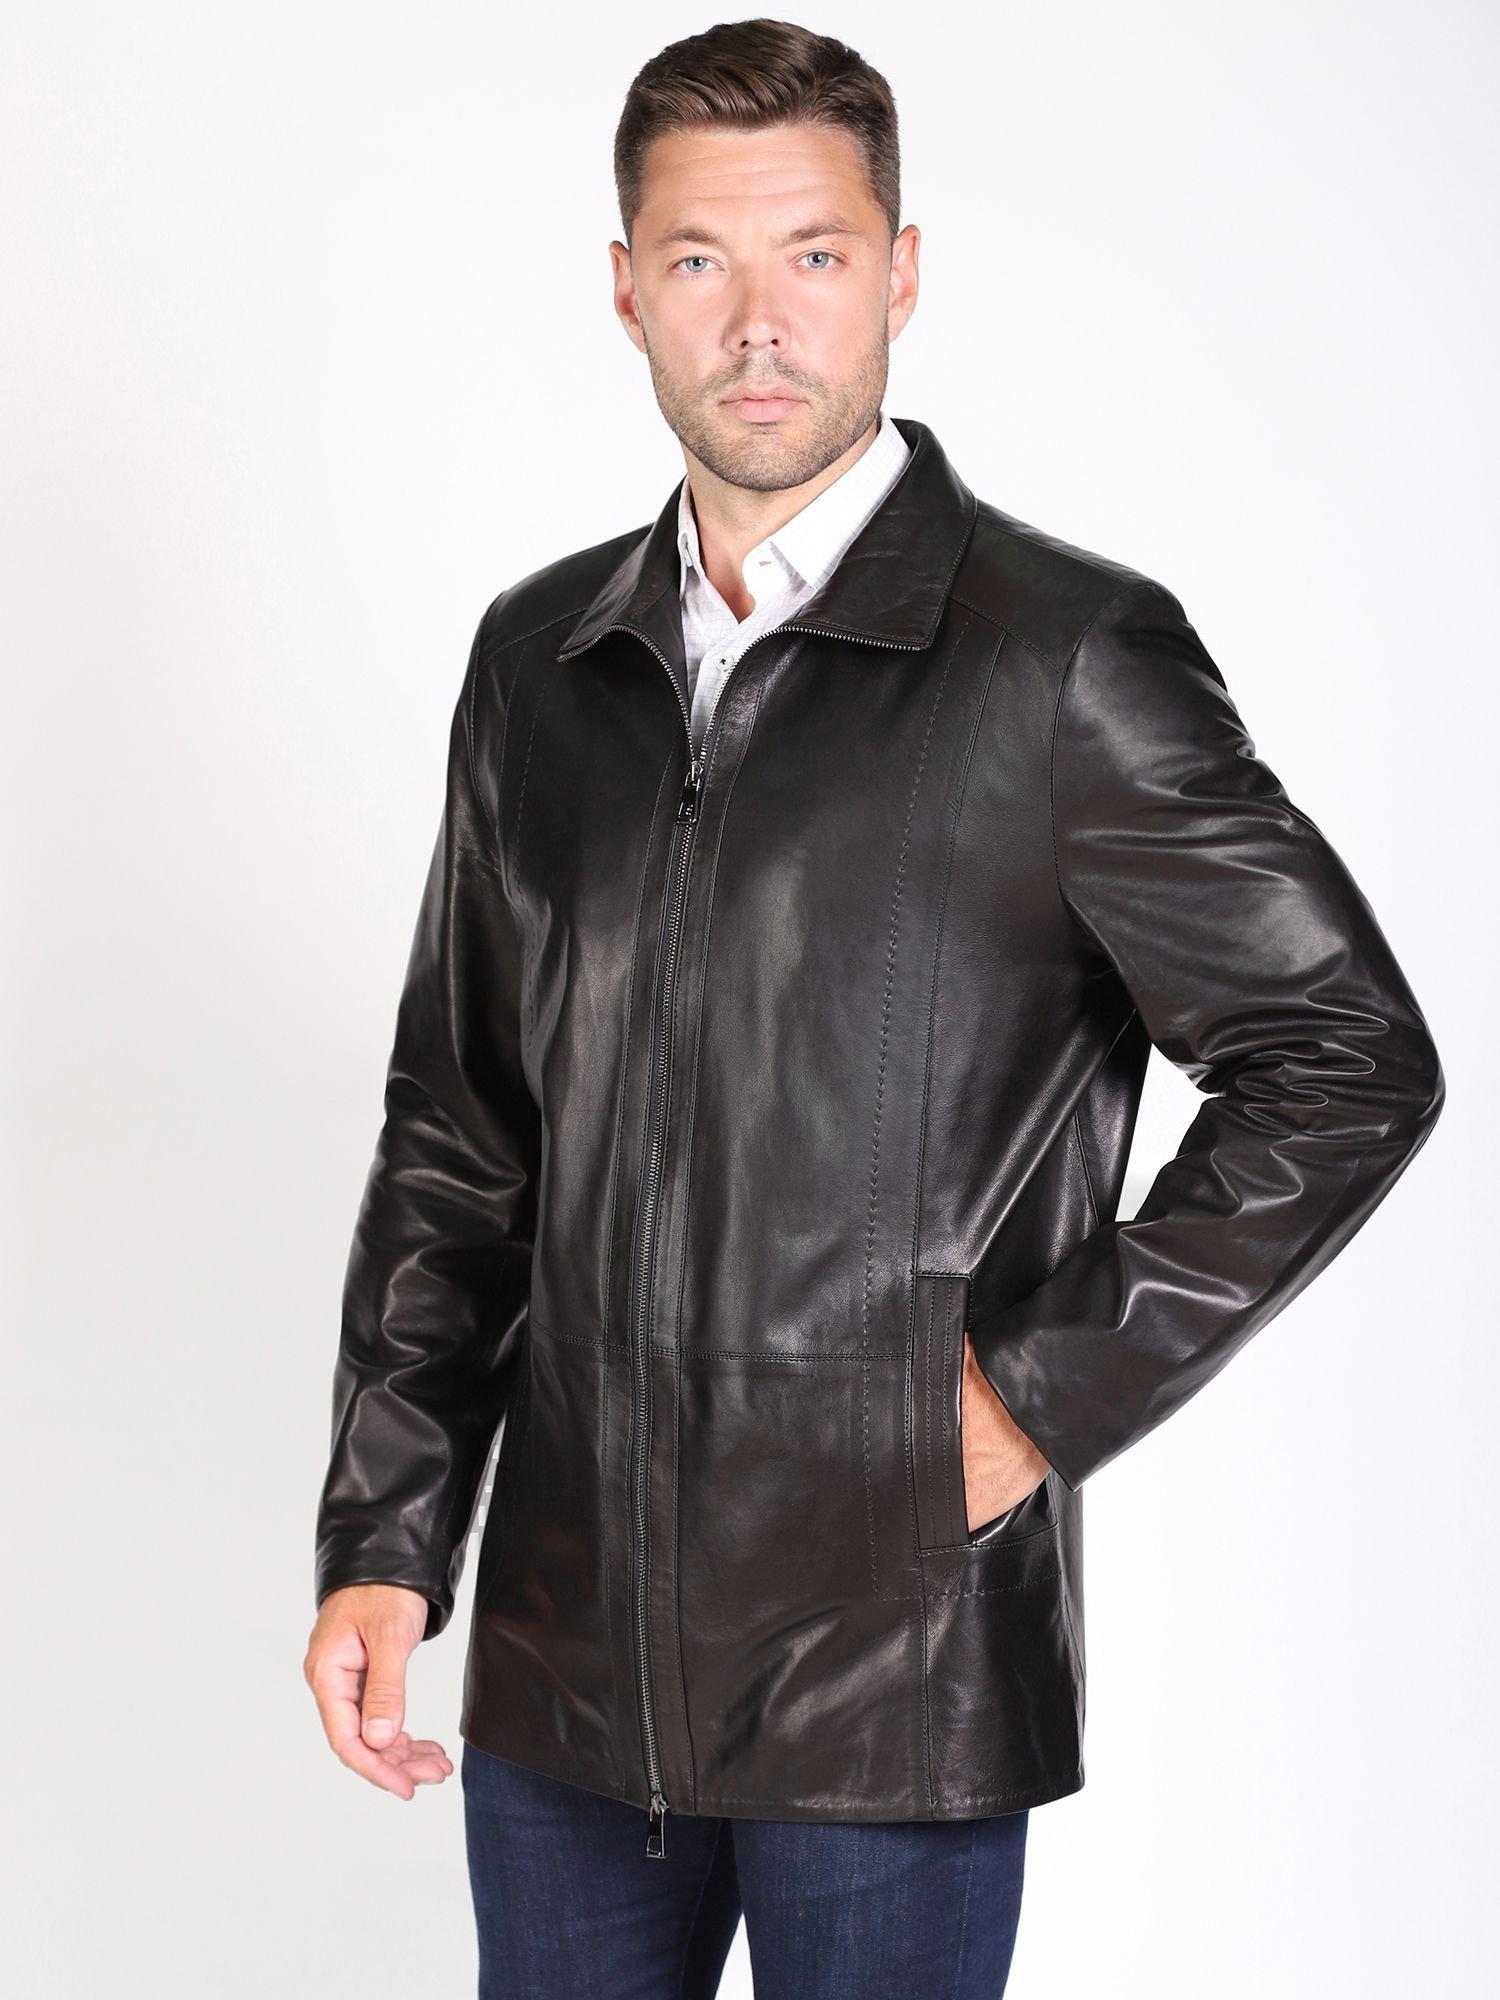 купить удлиненную куртку в спб